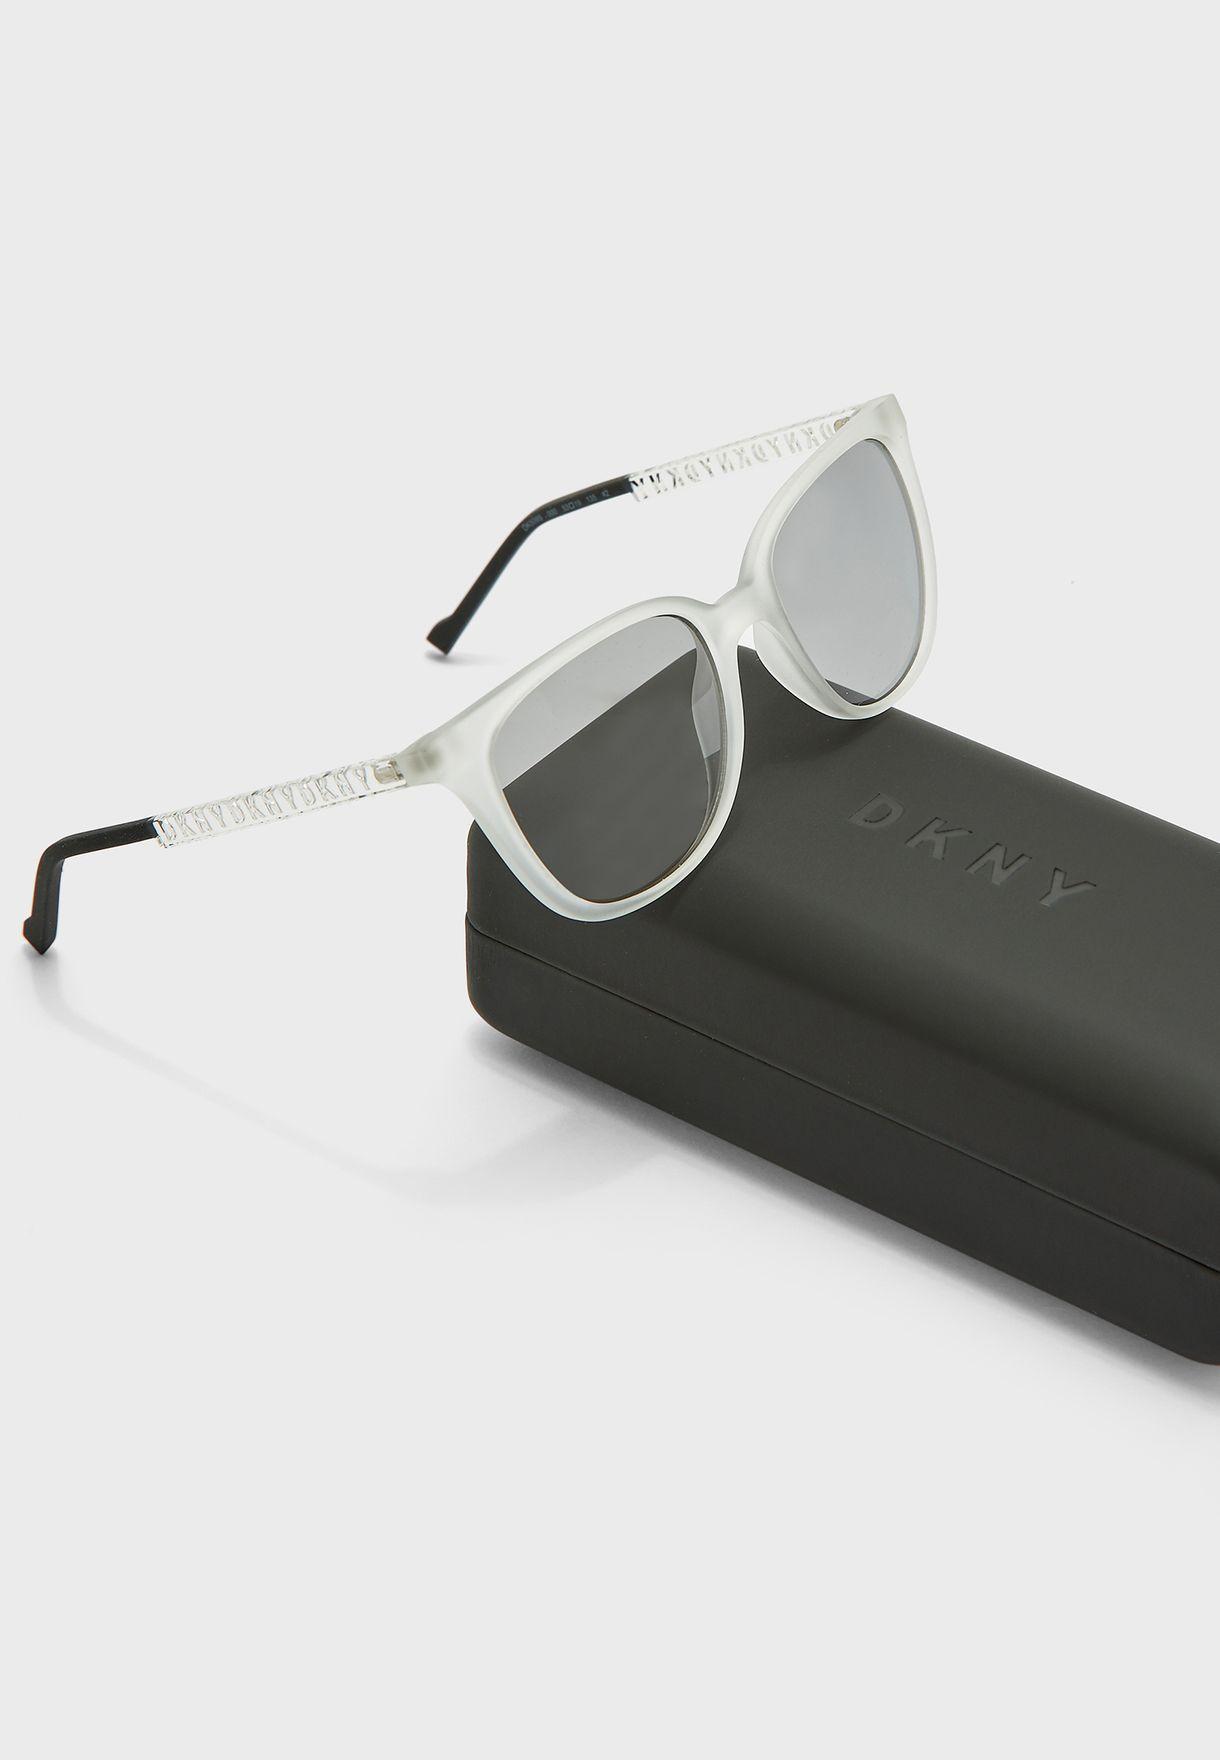 نظارة شمسية بيضوية الشكل